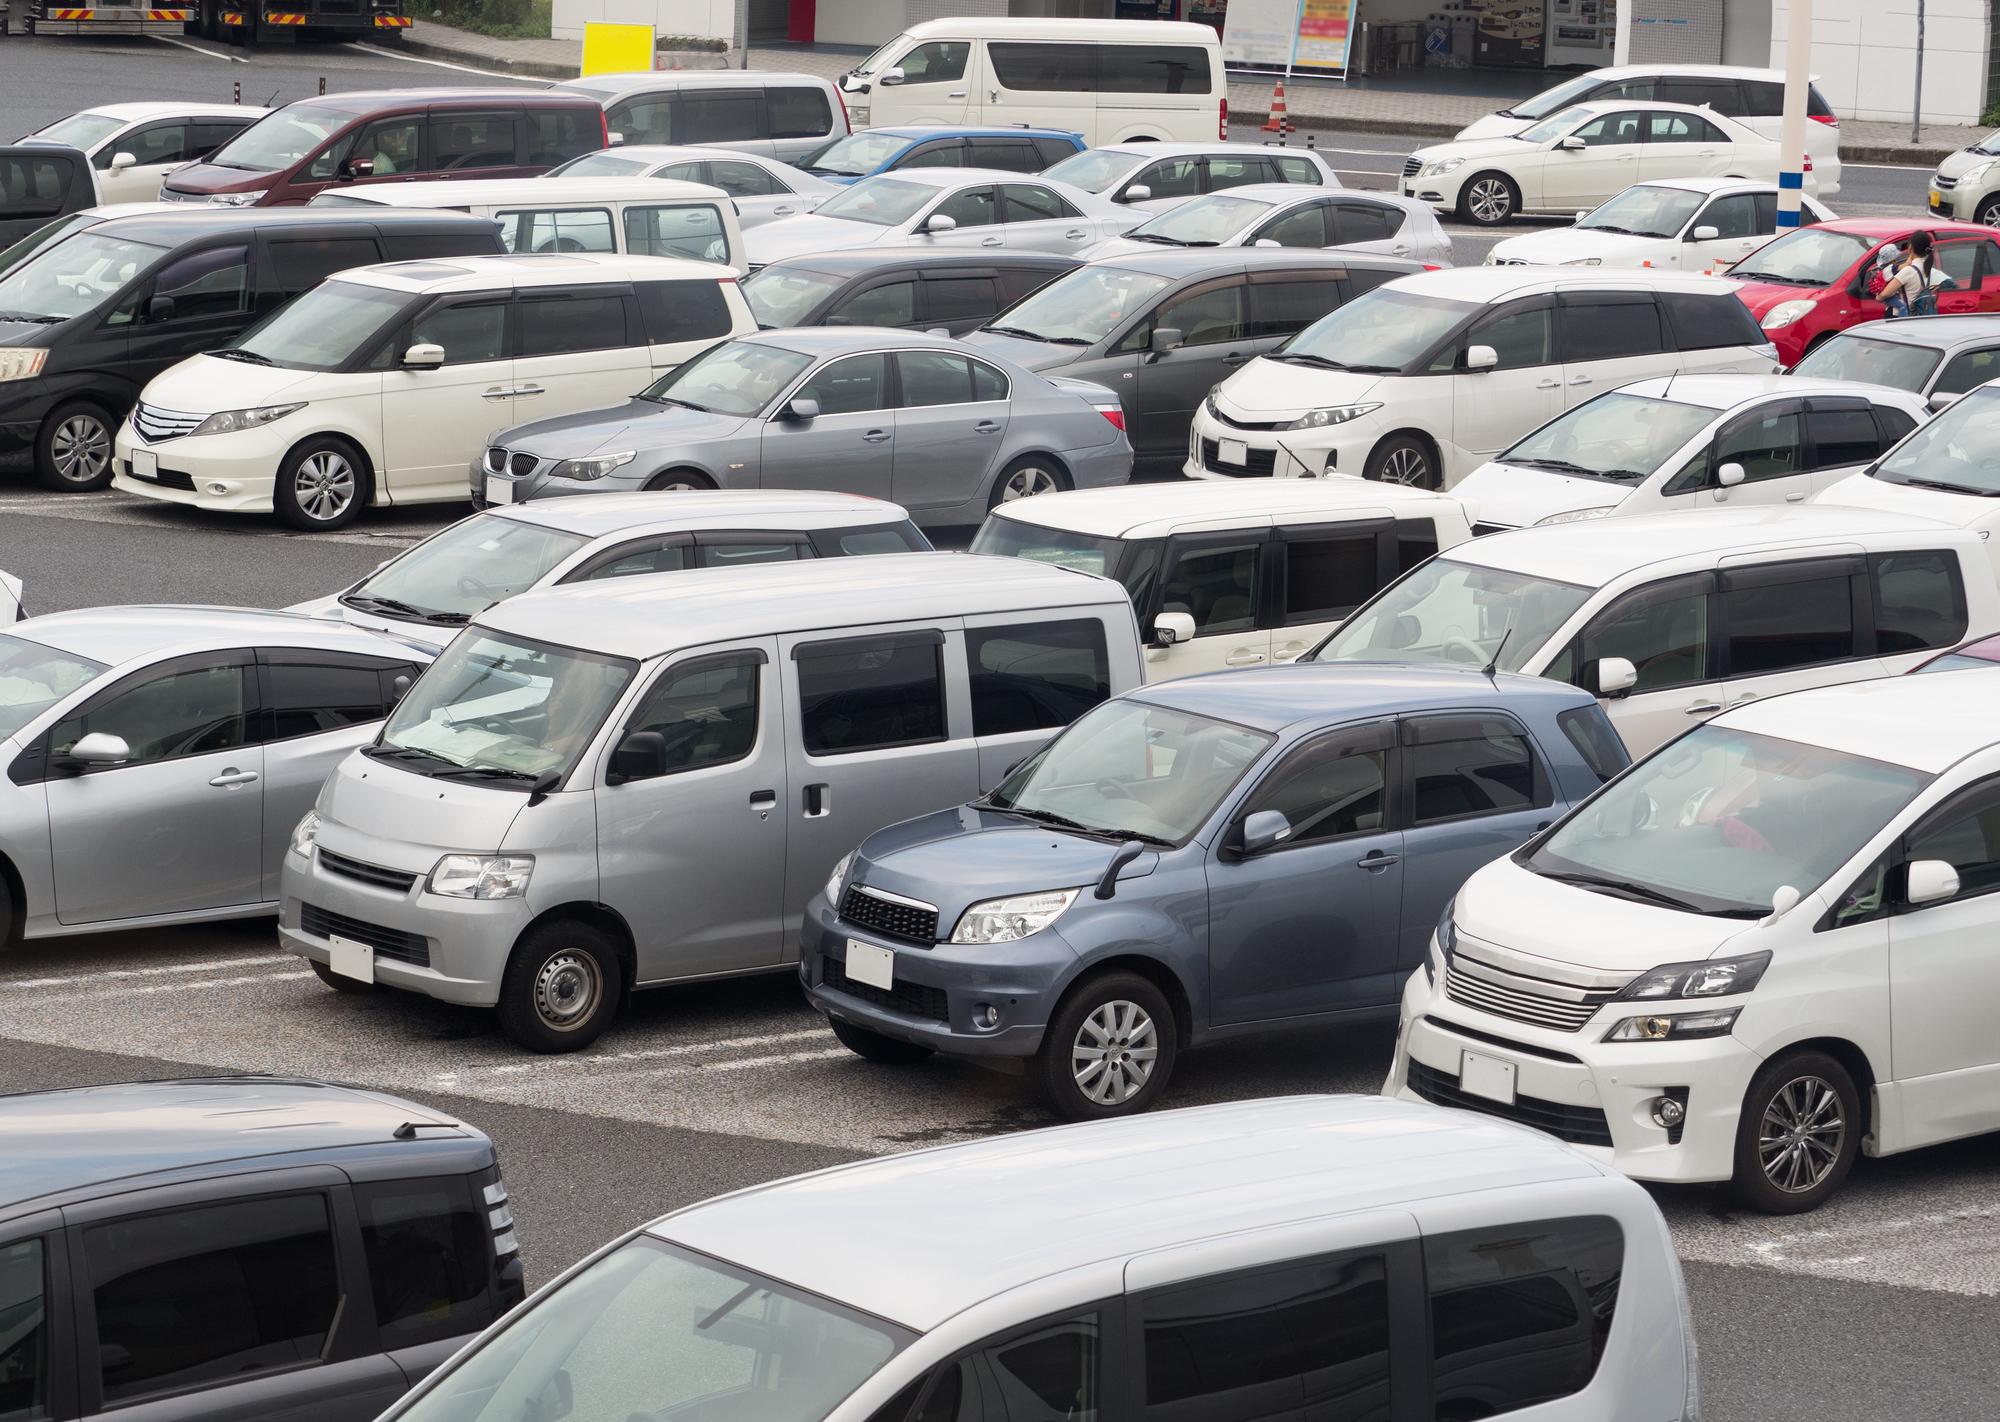 なんで軽自動車専用駐車スペースは出来たの?サイズには規定があるの?